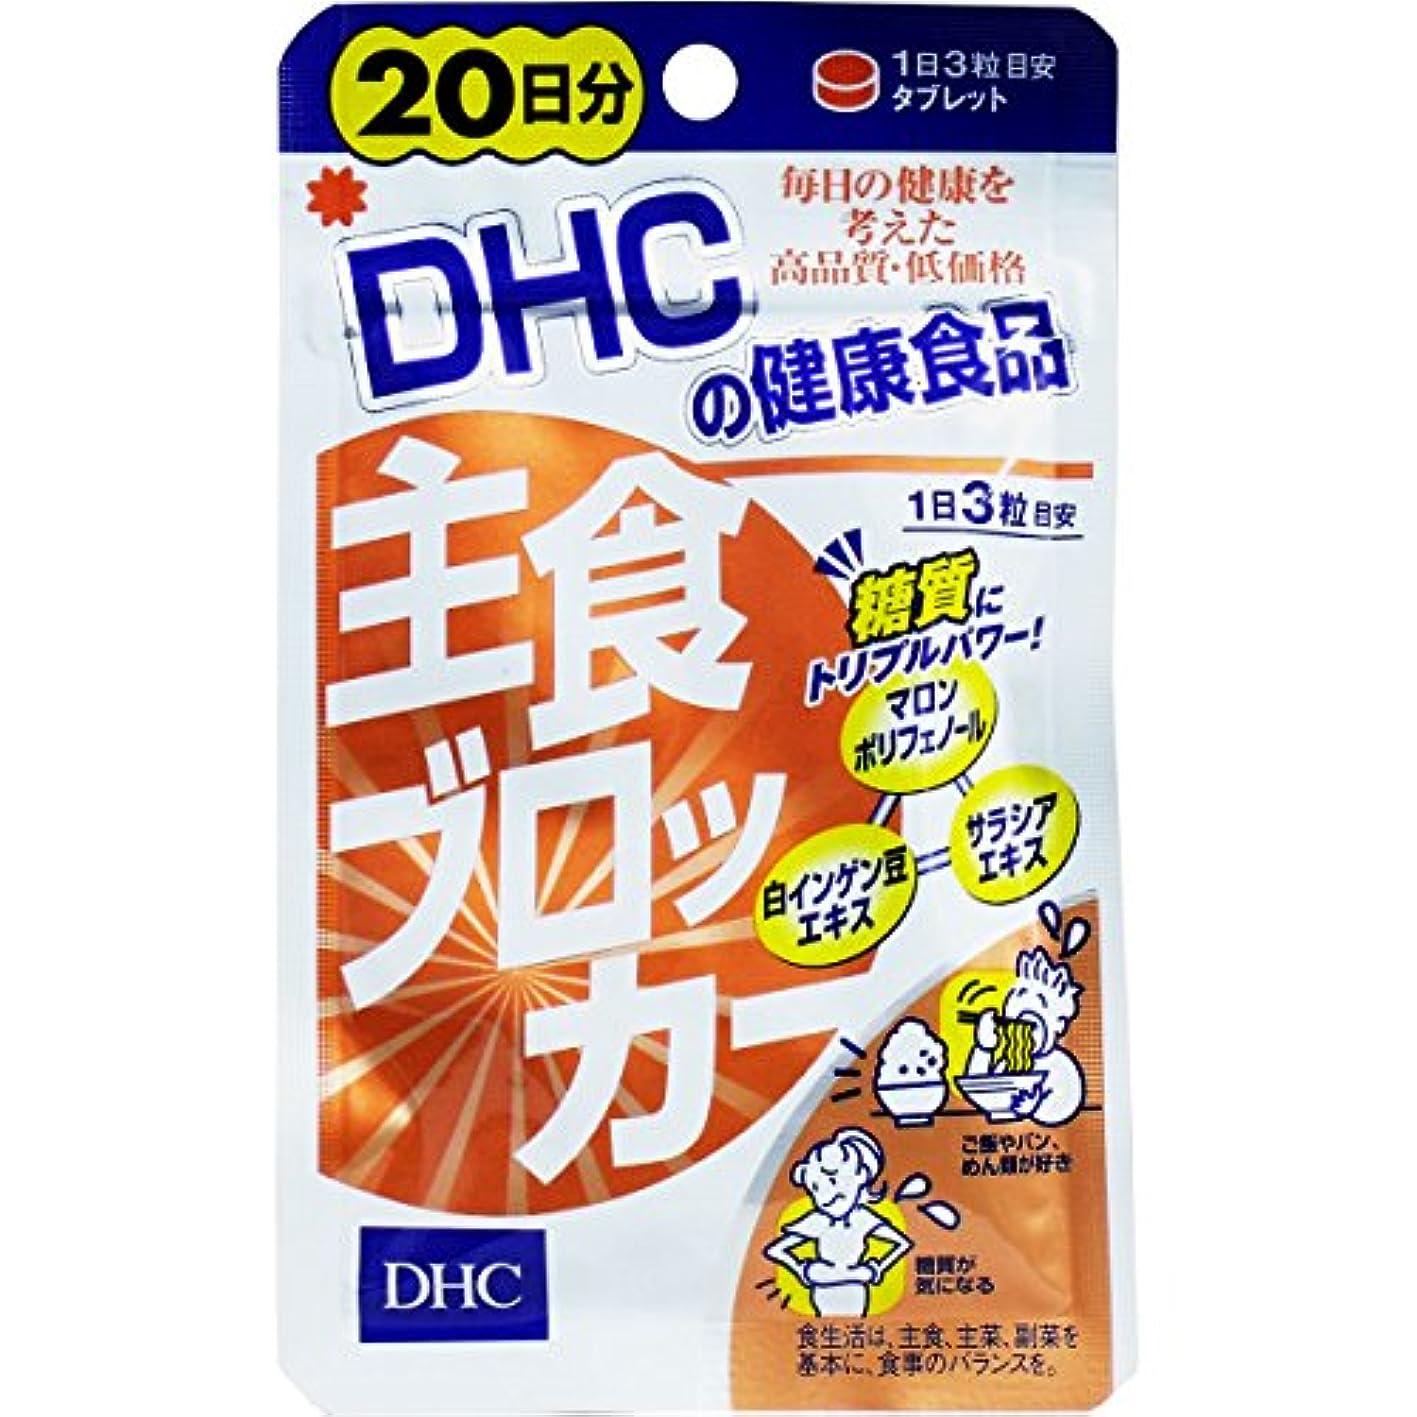 もろいカーフレプリカ【DHC】主食ブロッカー 20日分 60粒 ×5個セット